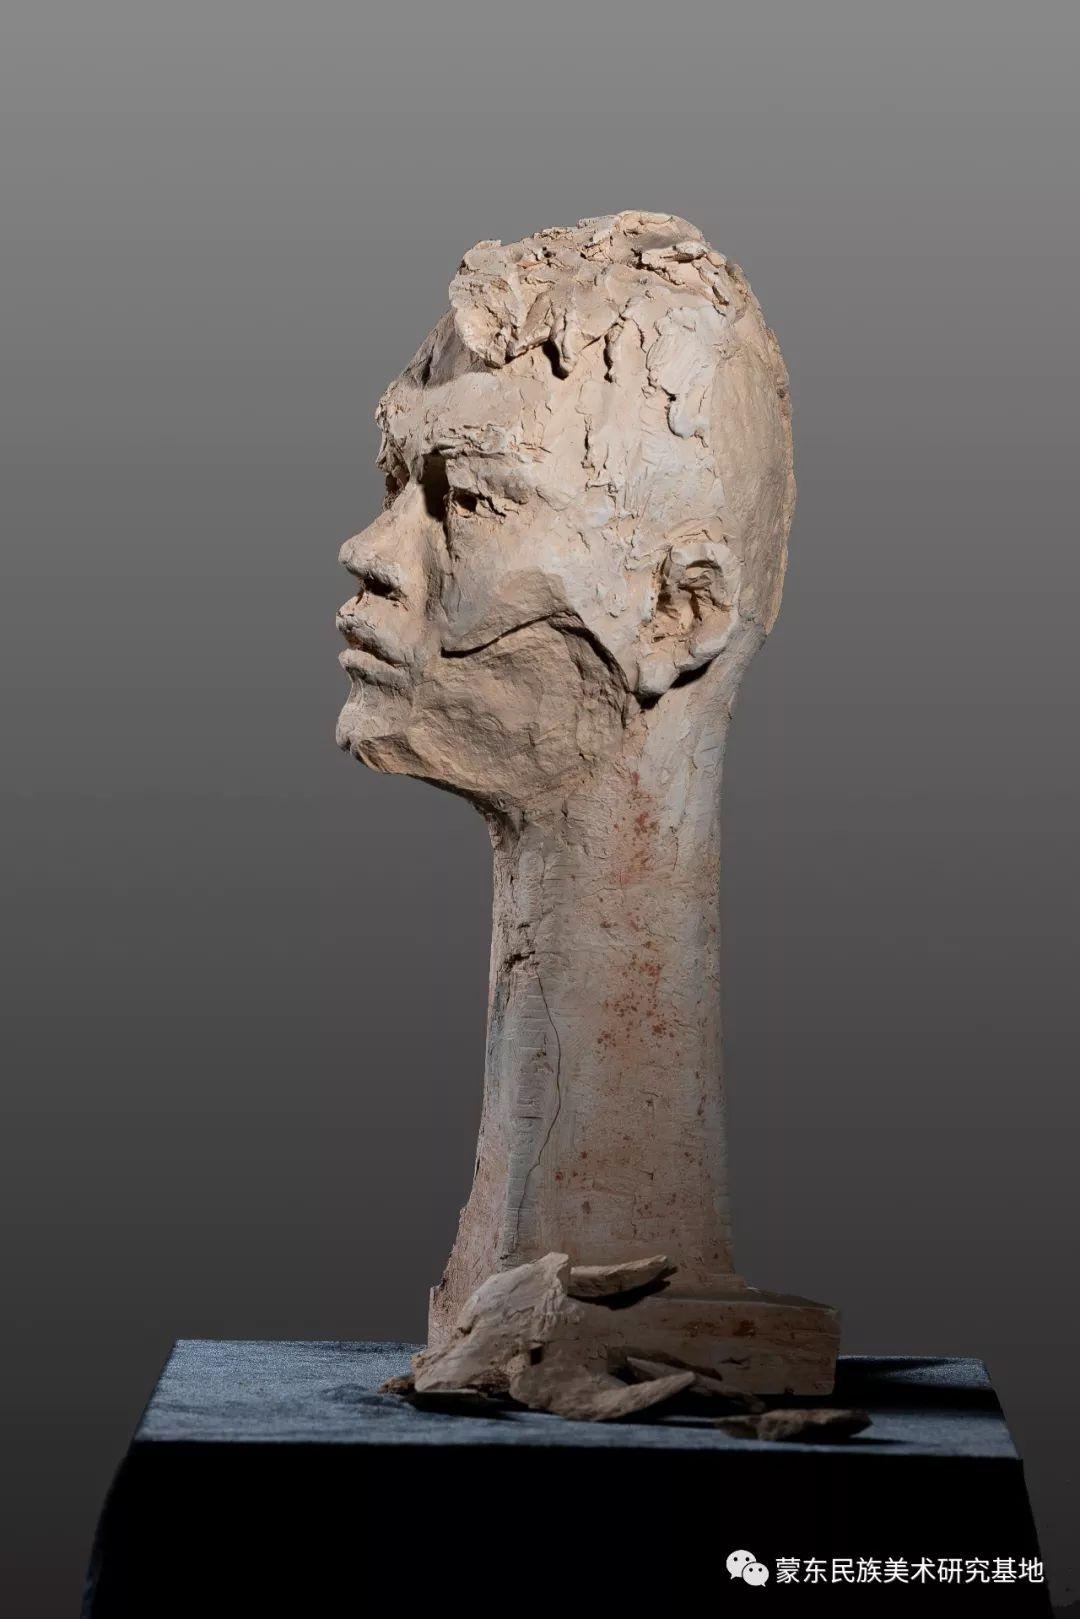 包格日乐吐作品——头像雕塑系列(二) 第11张 包格日乐吐作品——头像雕塑系列(二) 蒙古画廊